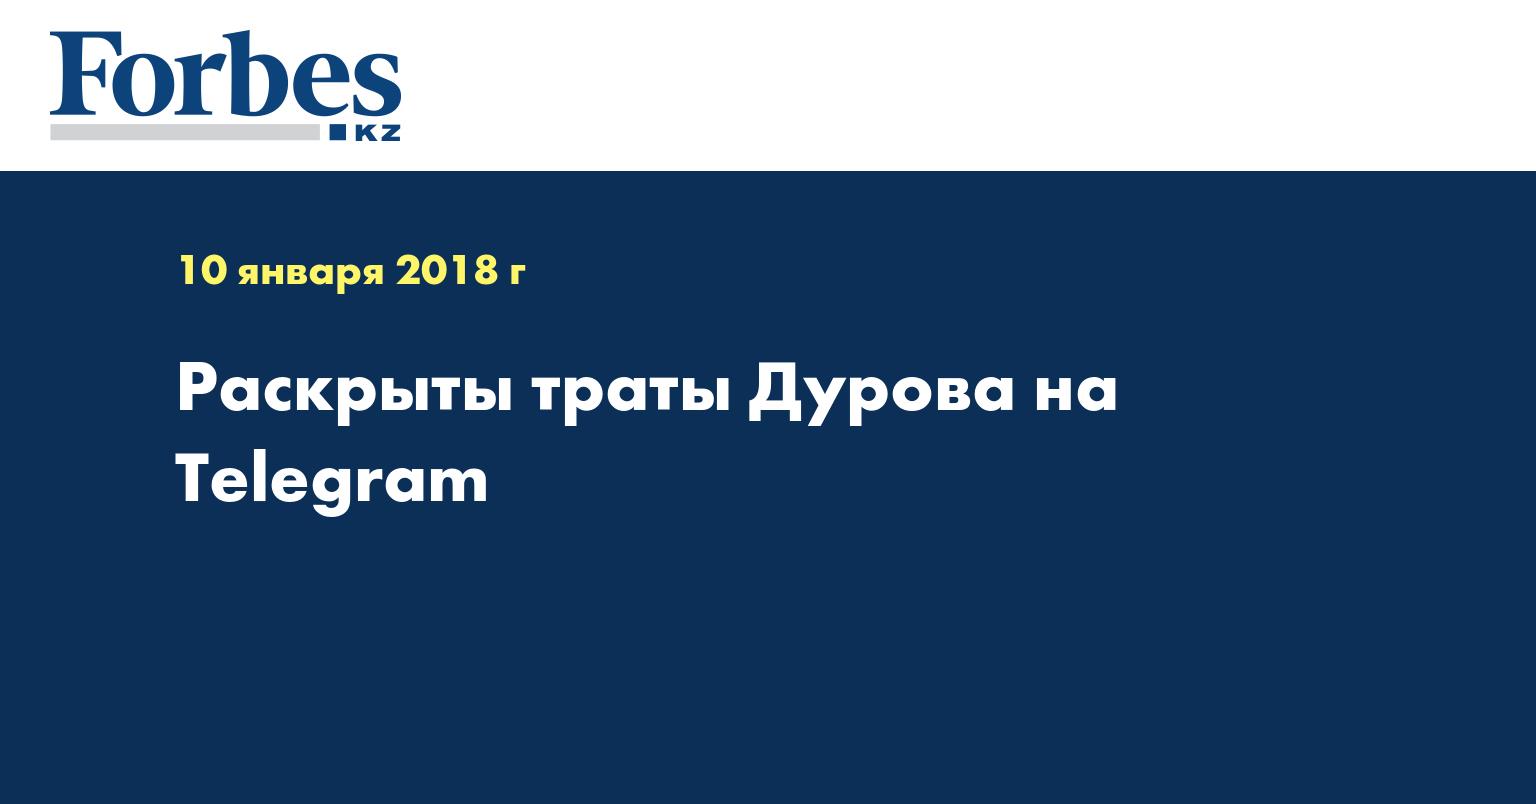 Раскрыты траты Дурова на Telegram